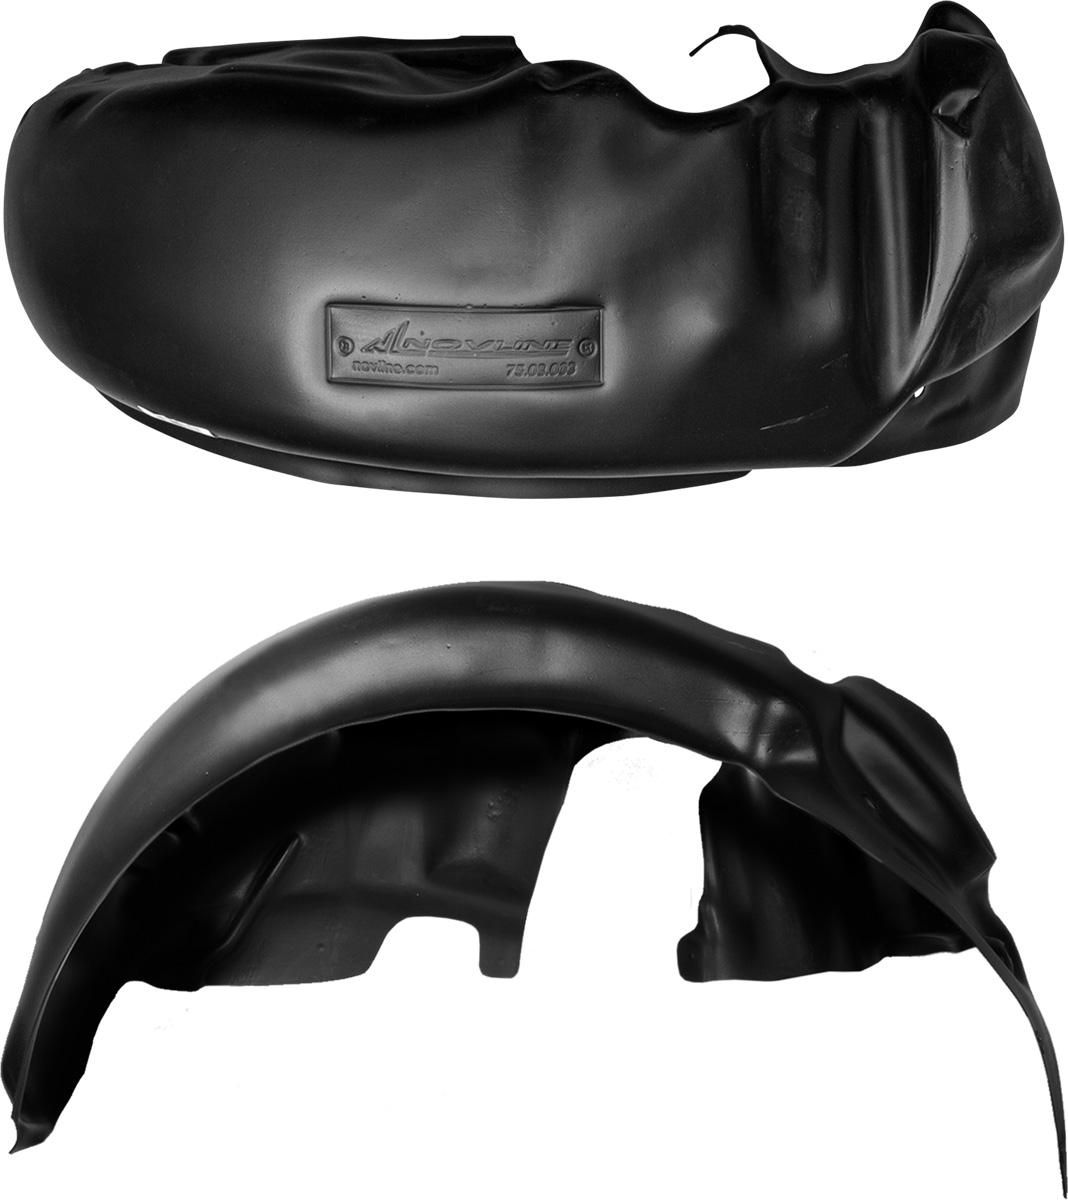 Подкрылок Novline-Autofamily, для Nissan Terrano 4x2, 2014->, задний левыйNLL.36.44.003Колесные ниши - одни из самых уязвимых зон днища вашего автомобиля. Они постоянно подвергаются воздействию со стороны дороги. Лучшая, почти абсолютная защита для них - специально отформованные пластиковые кожухи, которые называются подкрылками. Производятся они как для отечественных моделей автомобилей, так и для иномарок. Подкрылки Novline-Autofamily выполнены из высококачественного, экологически чистого пластика. Обеспечивают надежную защиту кузова автомобиля от пескоструйного эффекта и негативного влияния, агрессивных антигололедных реагентов. Пластик обладает более низкой теплопроводностью, чем металл, поэтому в зимний период эксплуатации использование пластиковых подкрылков позволяет лучше защитить колесные ниши от налипания снега и образования наледи. Оригинальность конструкции подчеркивает элегантность автомобиля, бережно защищает нанесенное на днище кузова антикоррозийное покрытие и позволяет осуществить крепление подкрылков внутри колесной арки практически без...